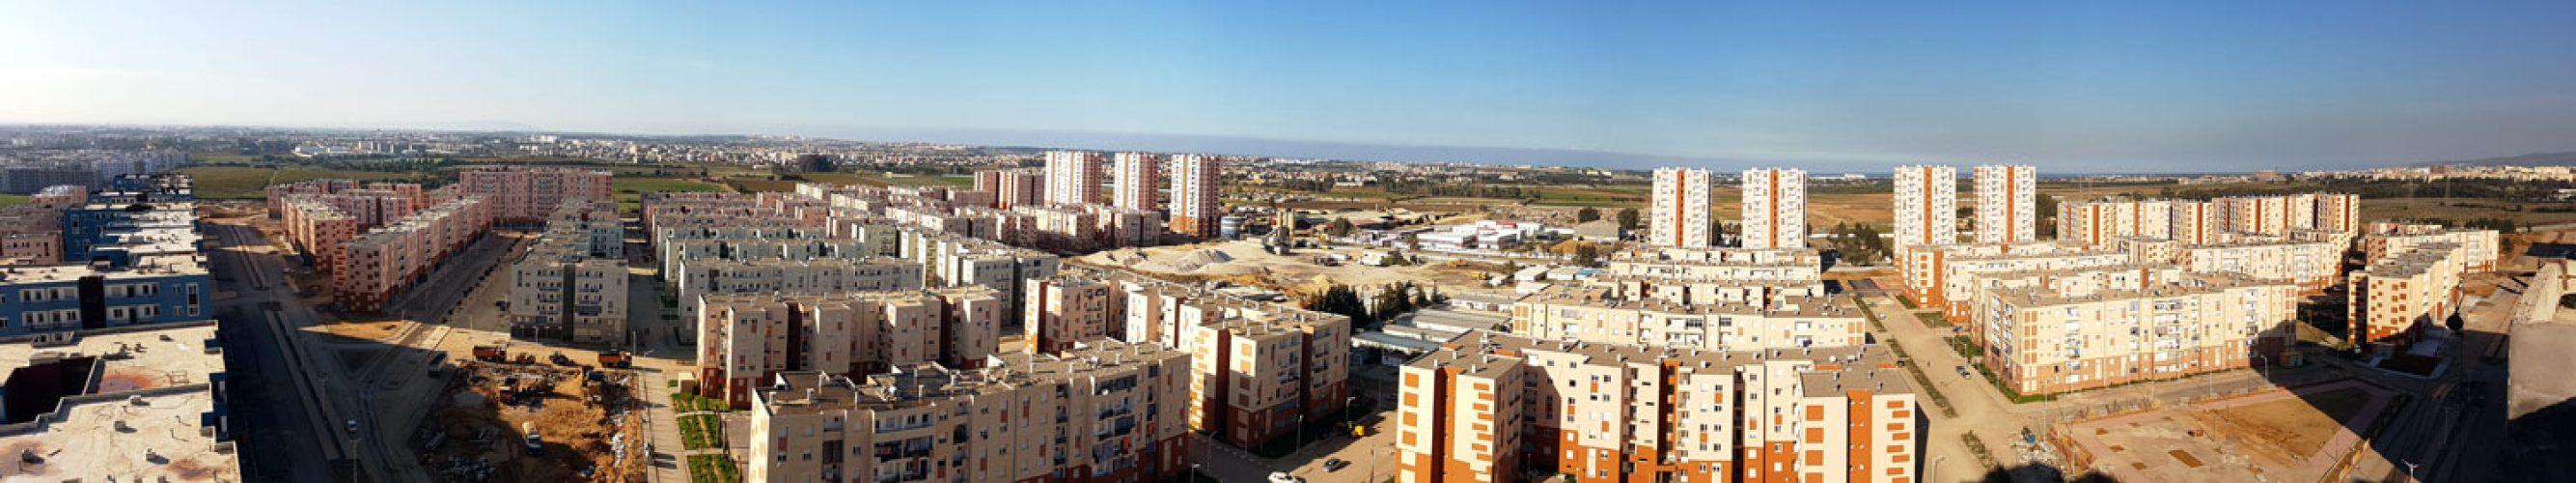 resims-housing-arger-cezayir-konut-053